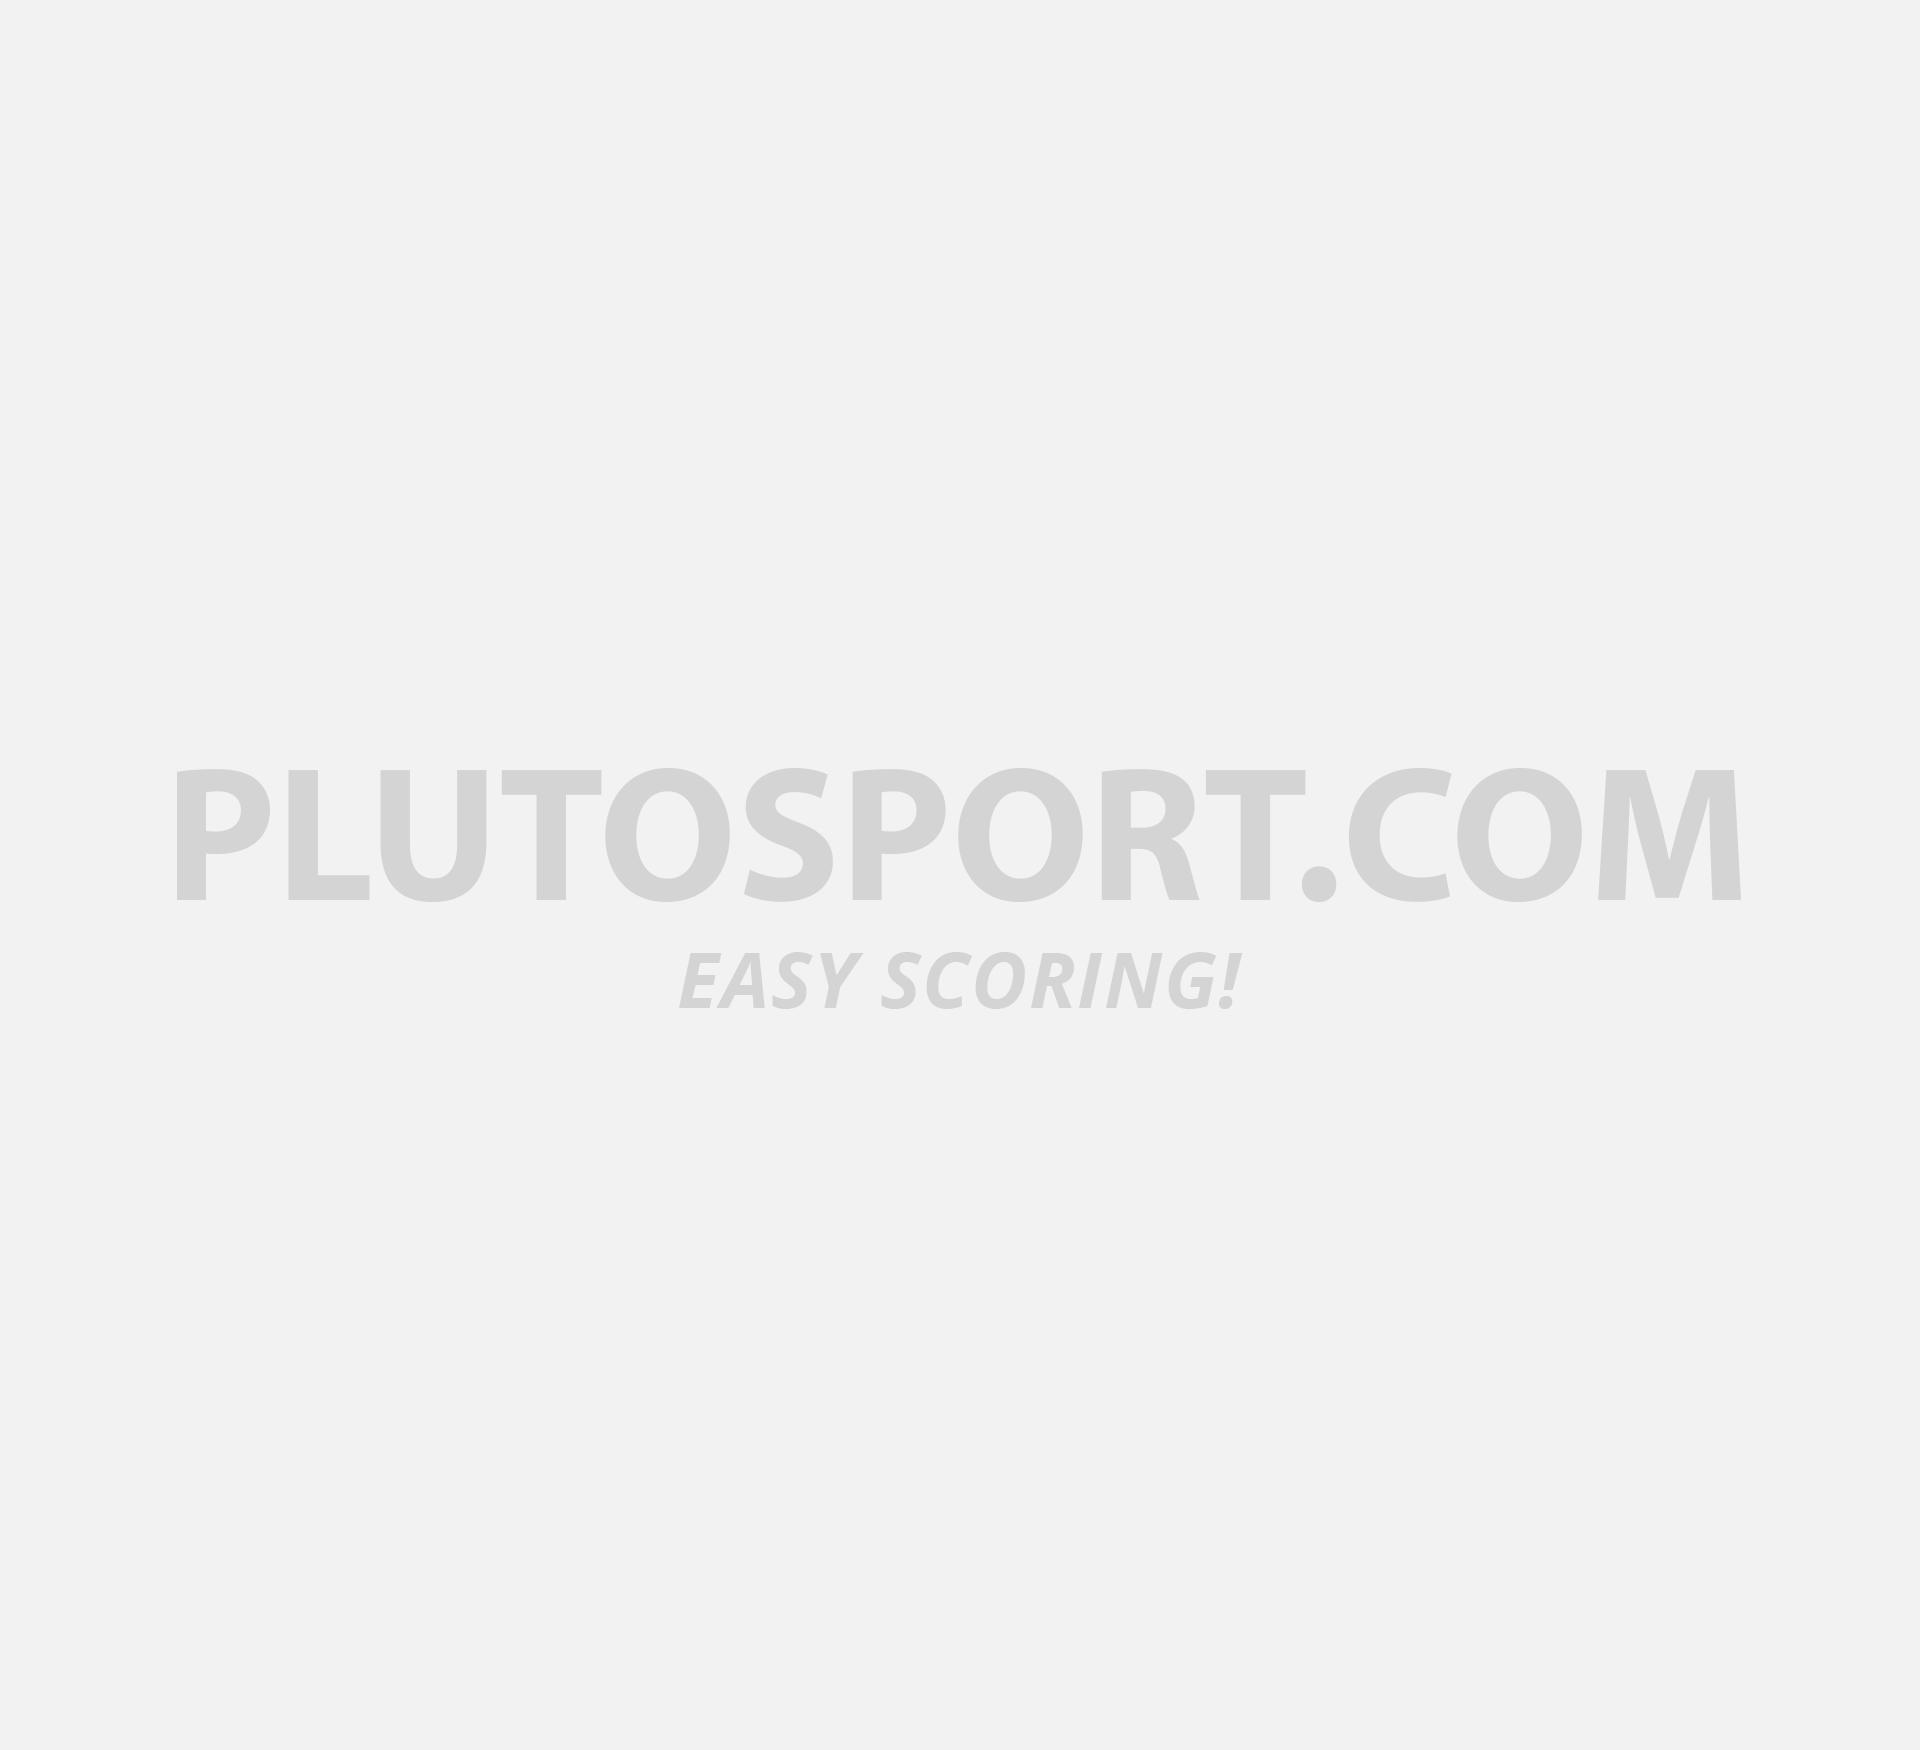 37f5e090dfb0e Sassa Mode Sports Bra (2-pack) - Sports bra - Sports underwear - Clothing -  Fitness - Sports | Plutosport